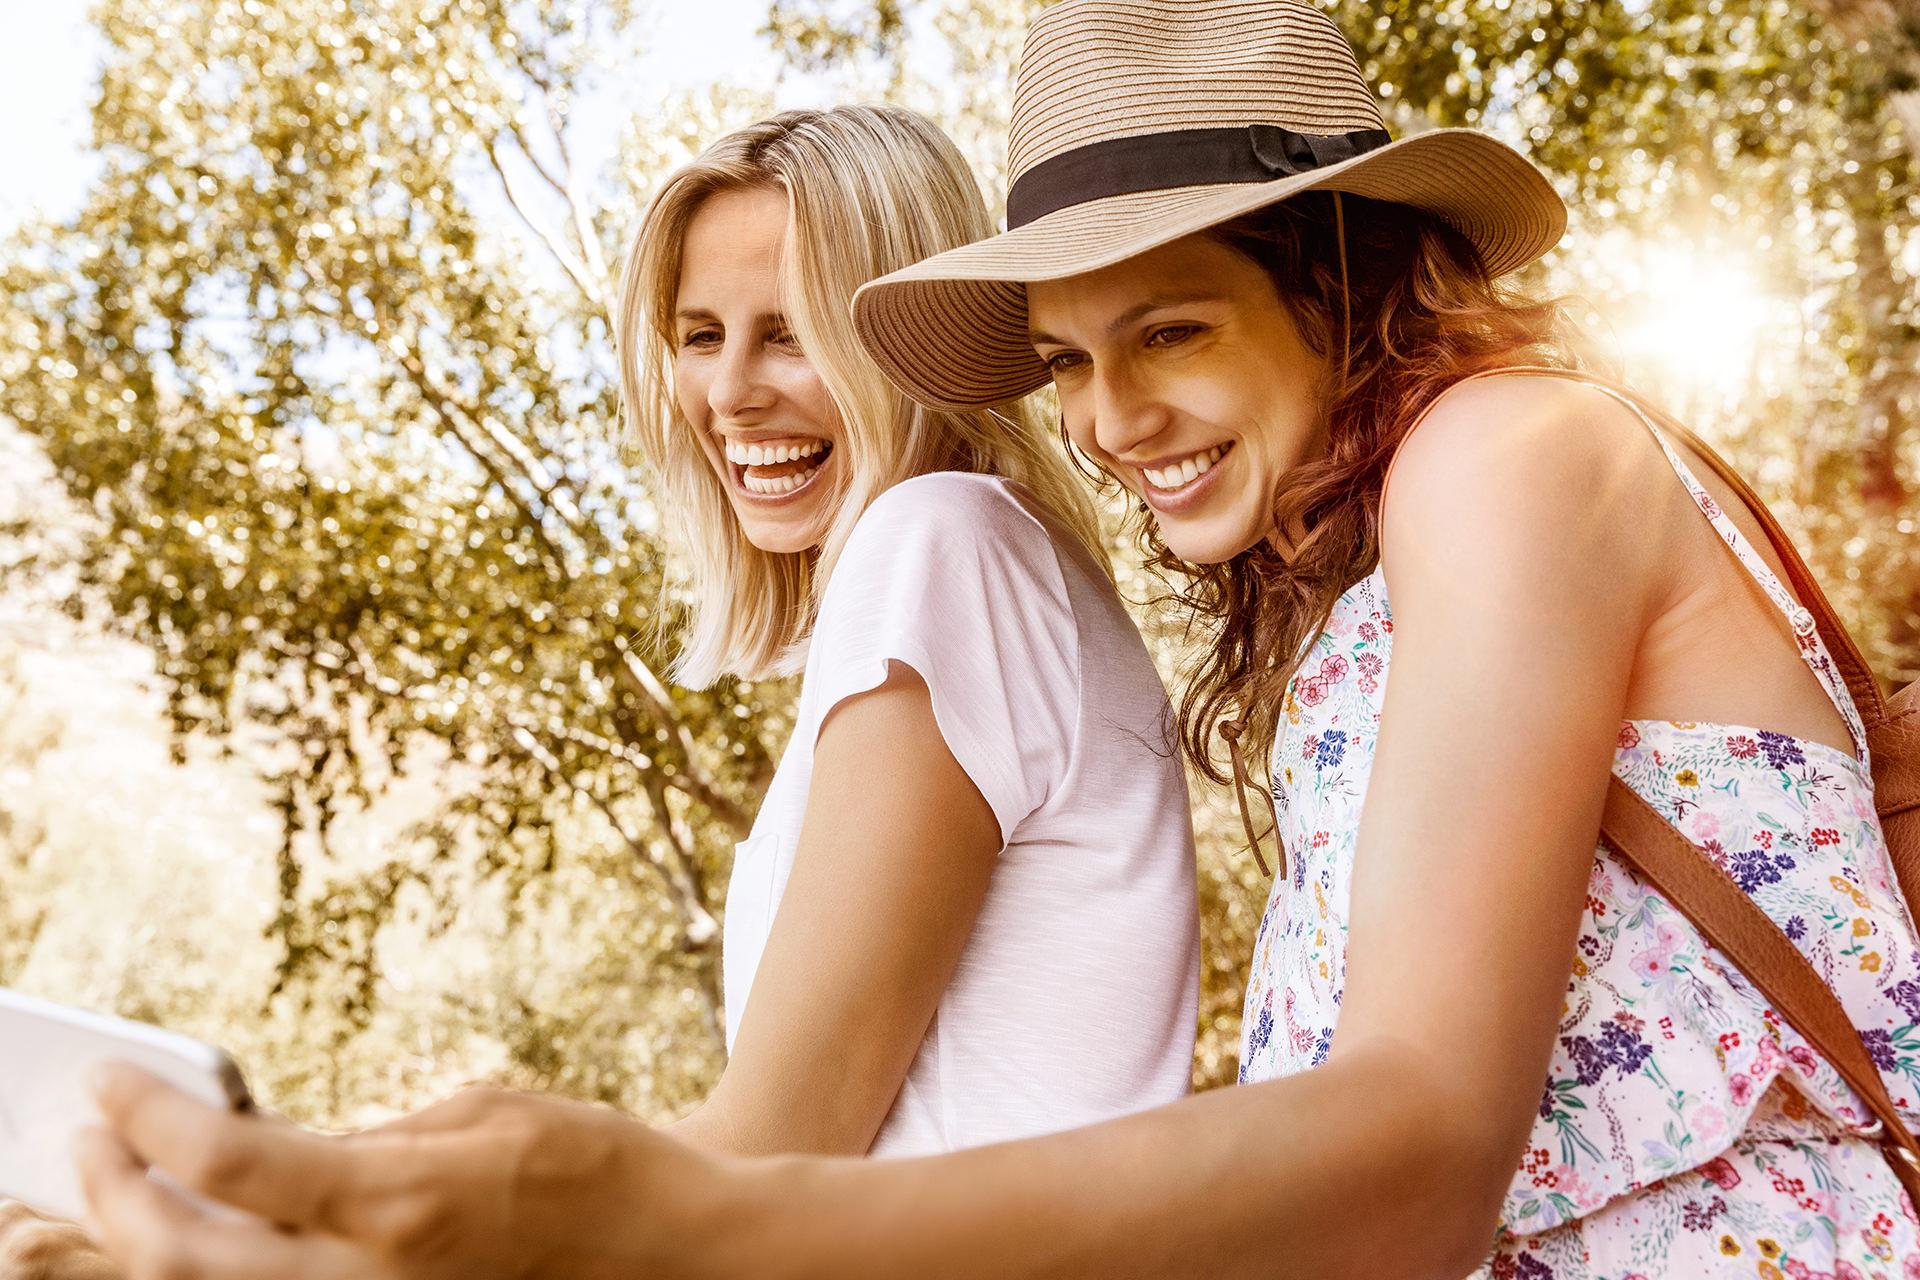 erdinger-alkoholfrei-selfie-sommer-freundinnen